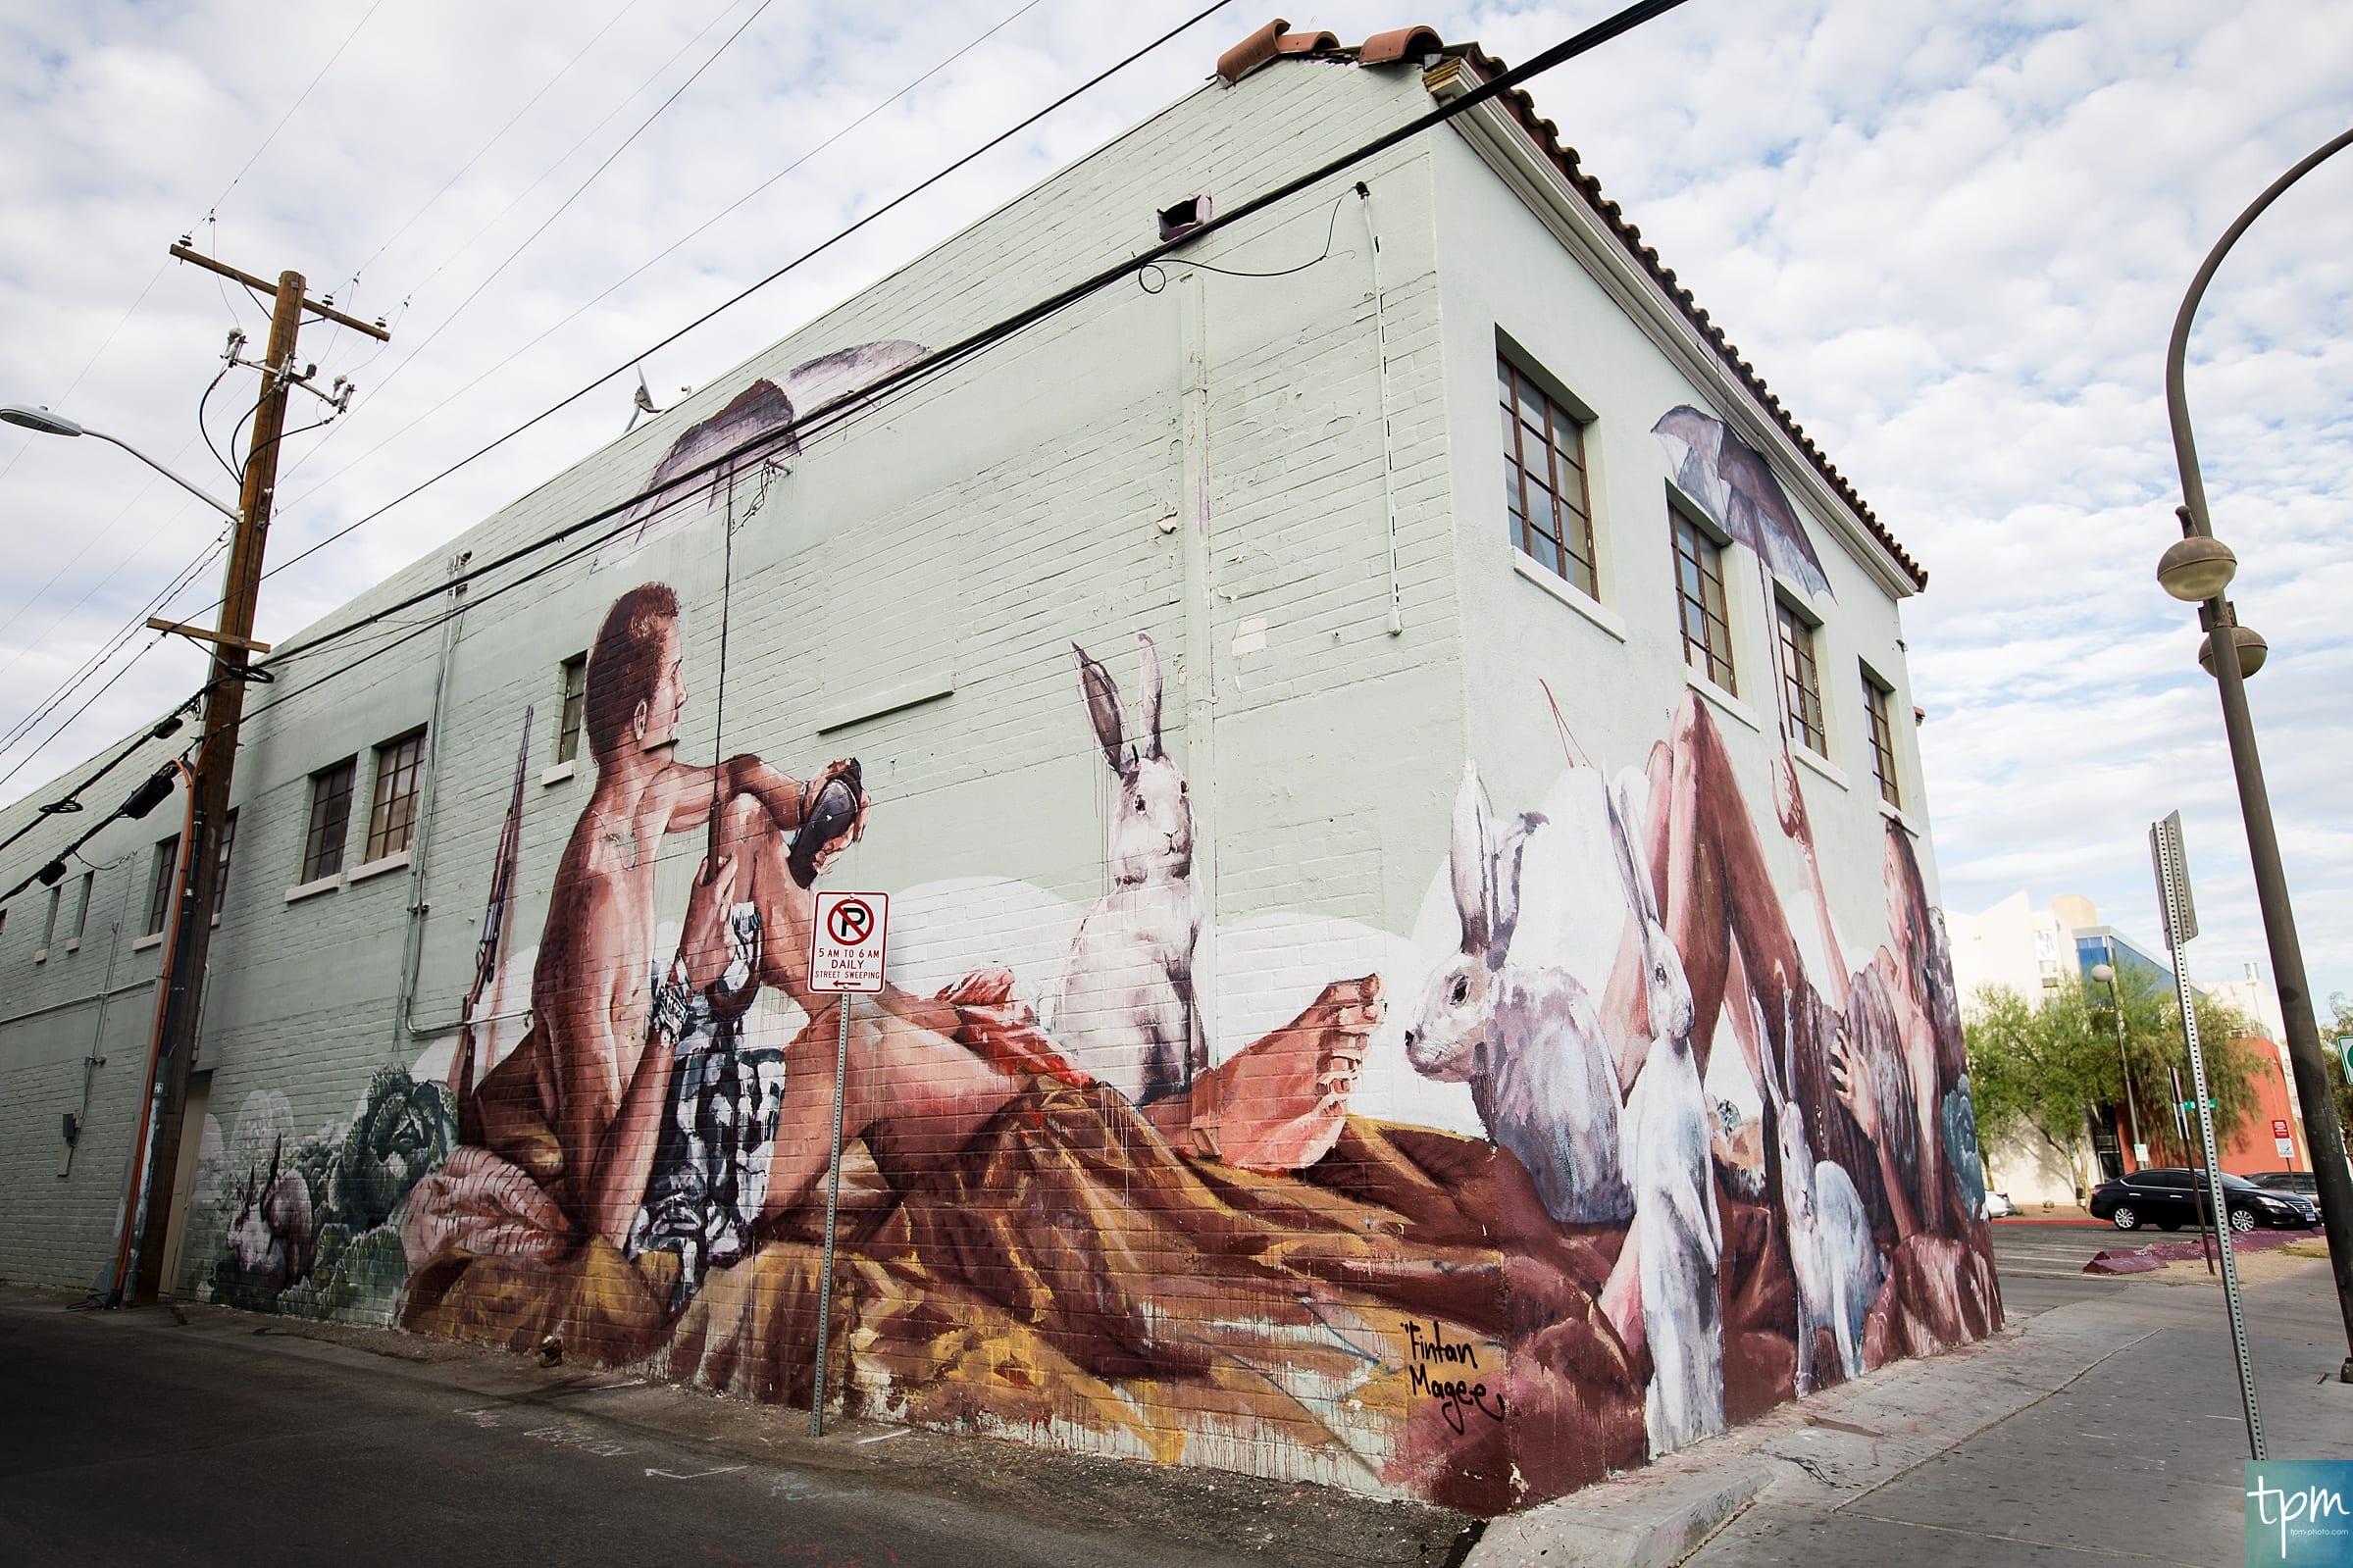 Las Vegas Murals: The Most Comprehensive Guide | Las Vegas